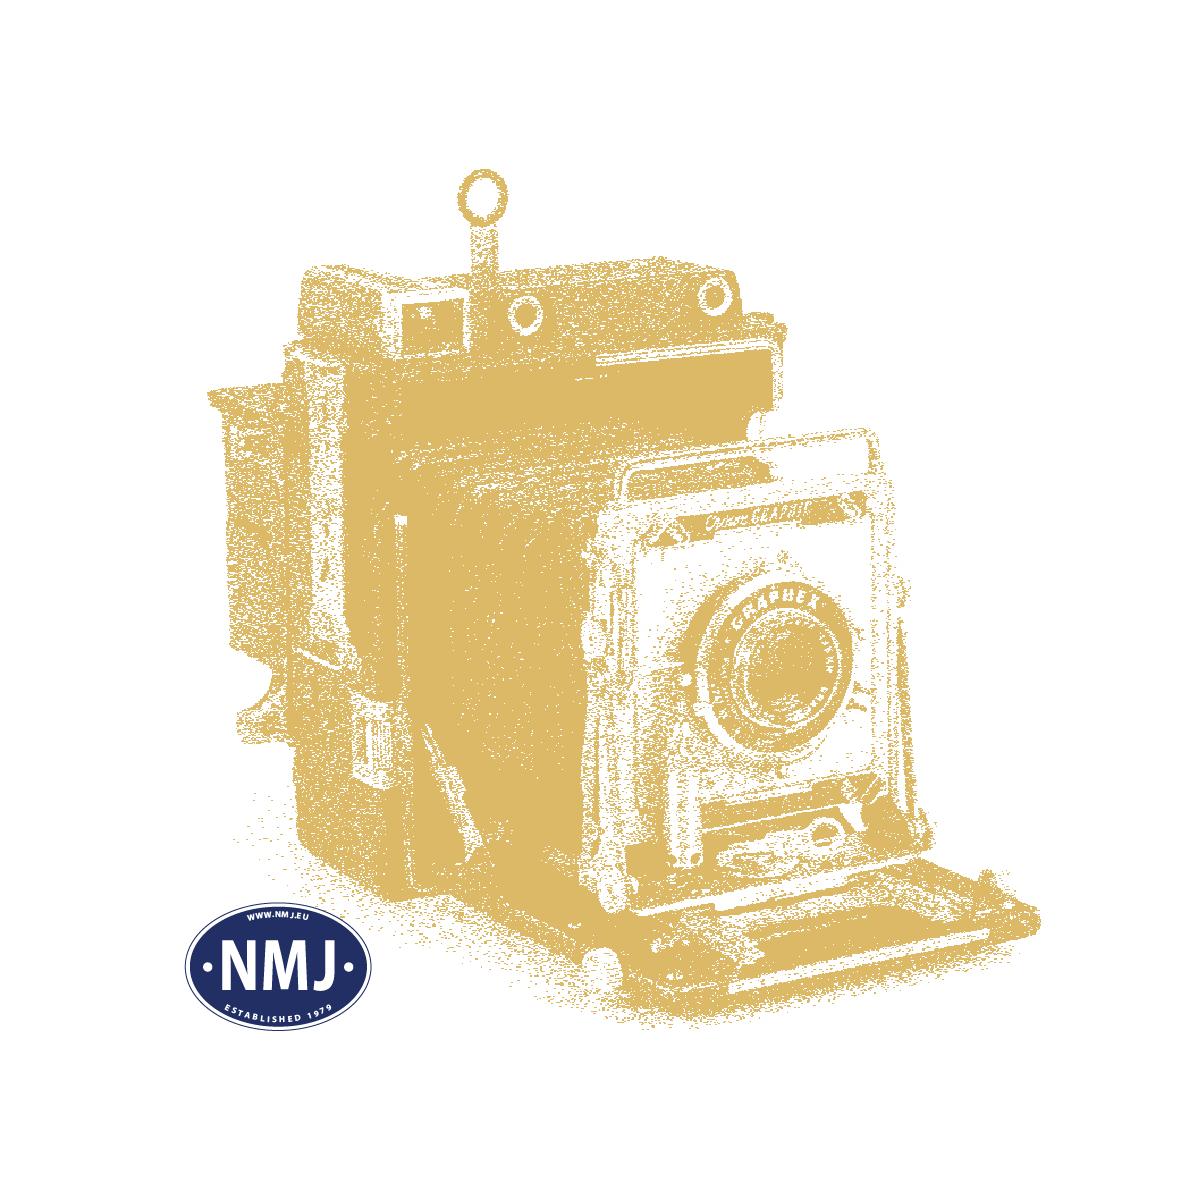 NOC15479 - Fotgjengere